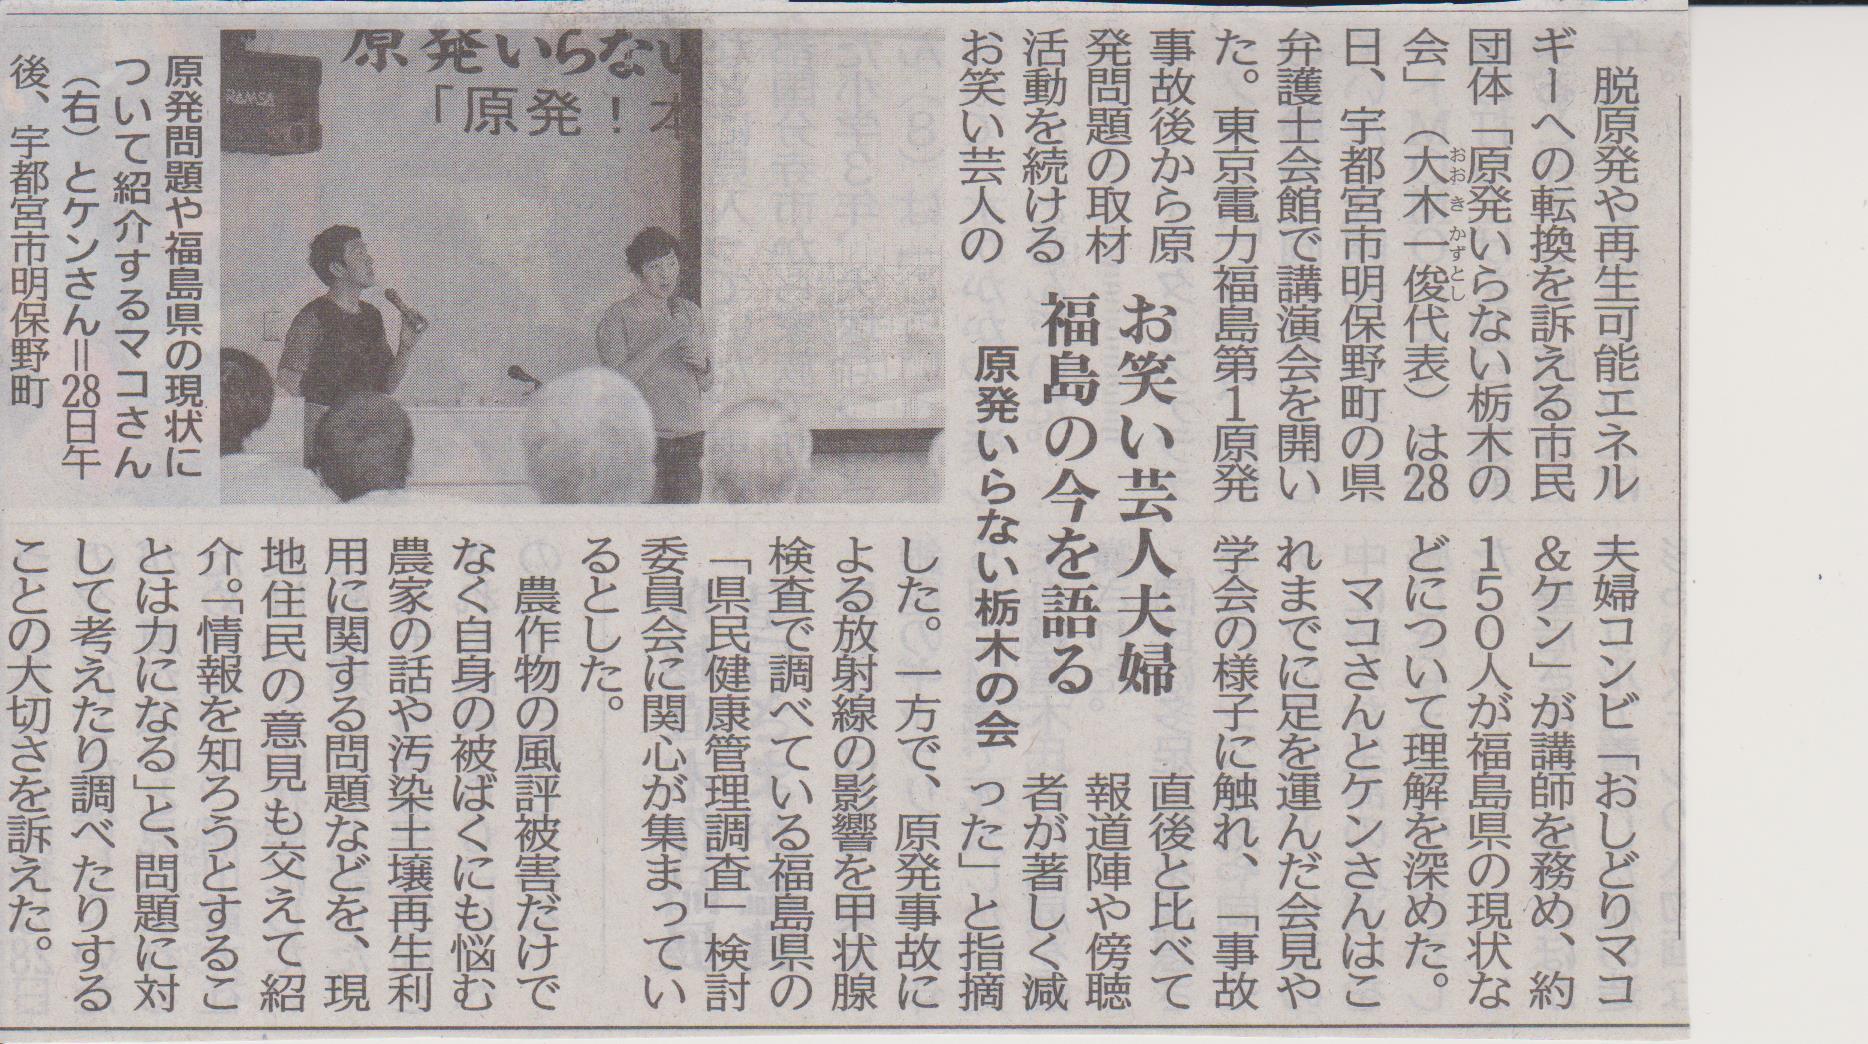 おしどりマコ&ケントークライブ記事